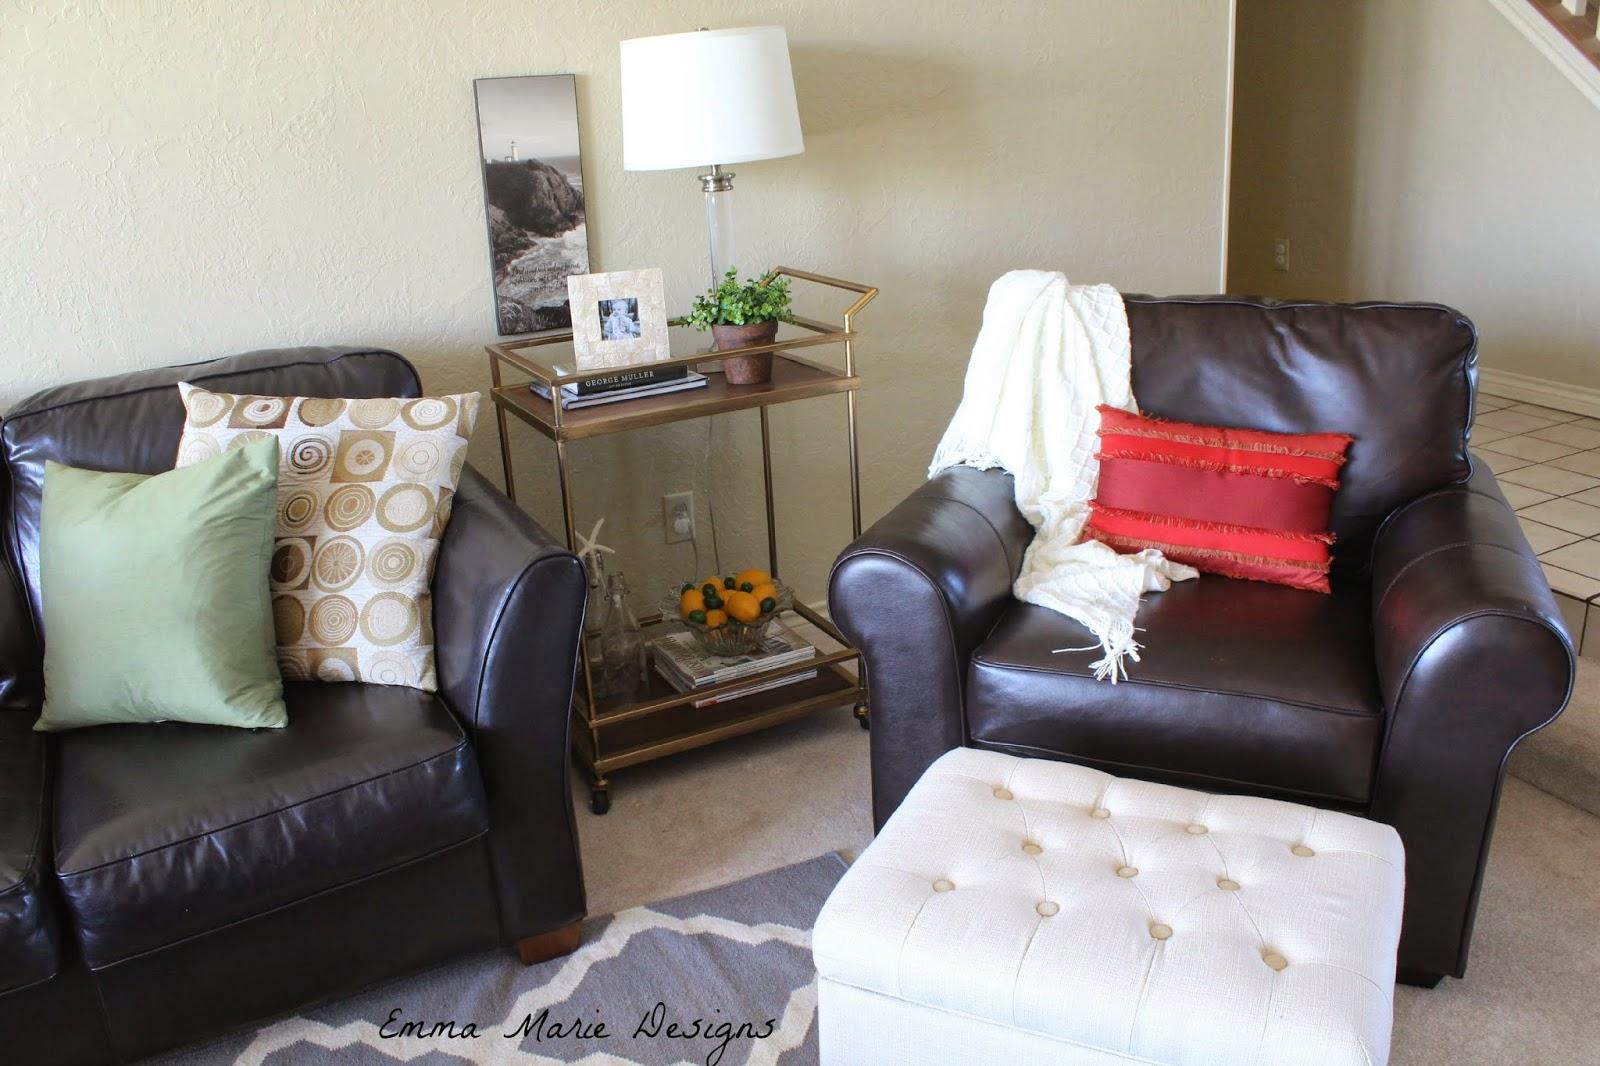 bar cart in the living room emma marie designs. Black Bedroom Furniture Sets. Home Design Ideas